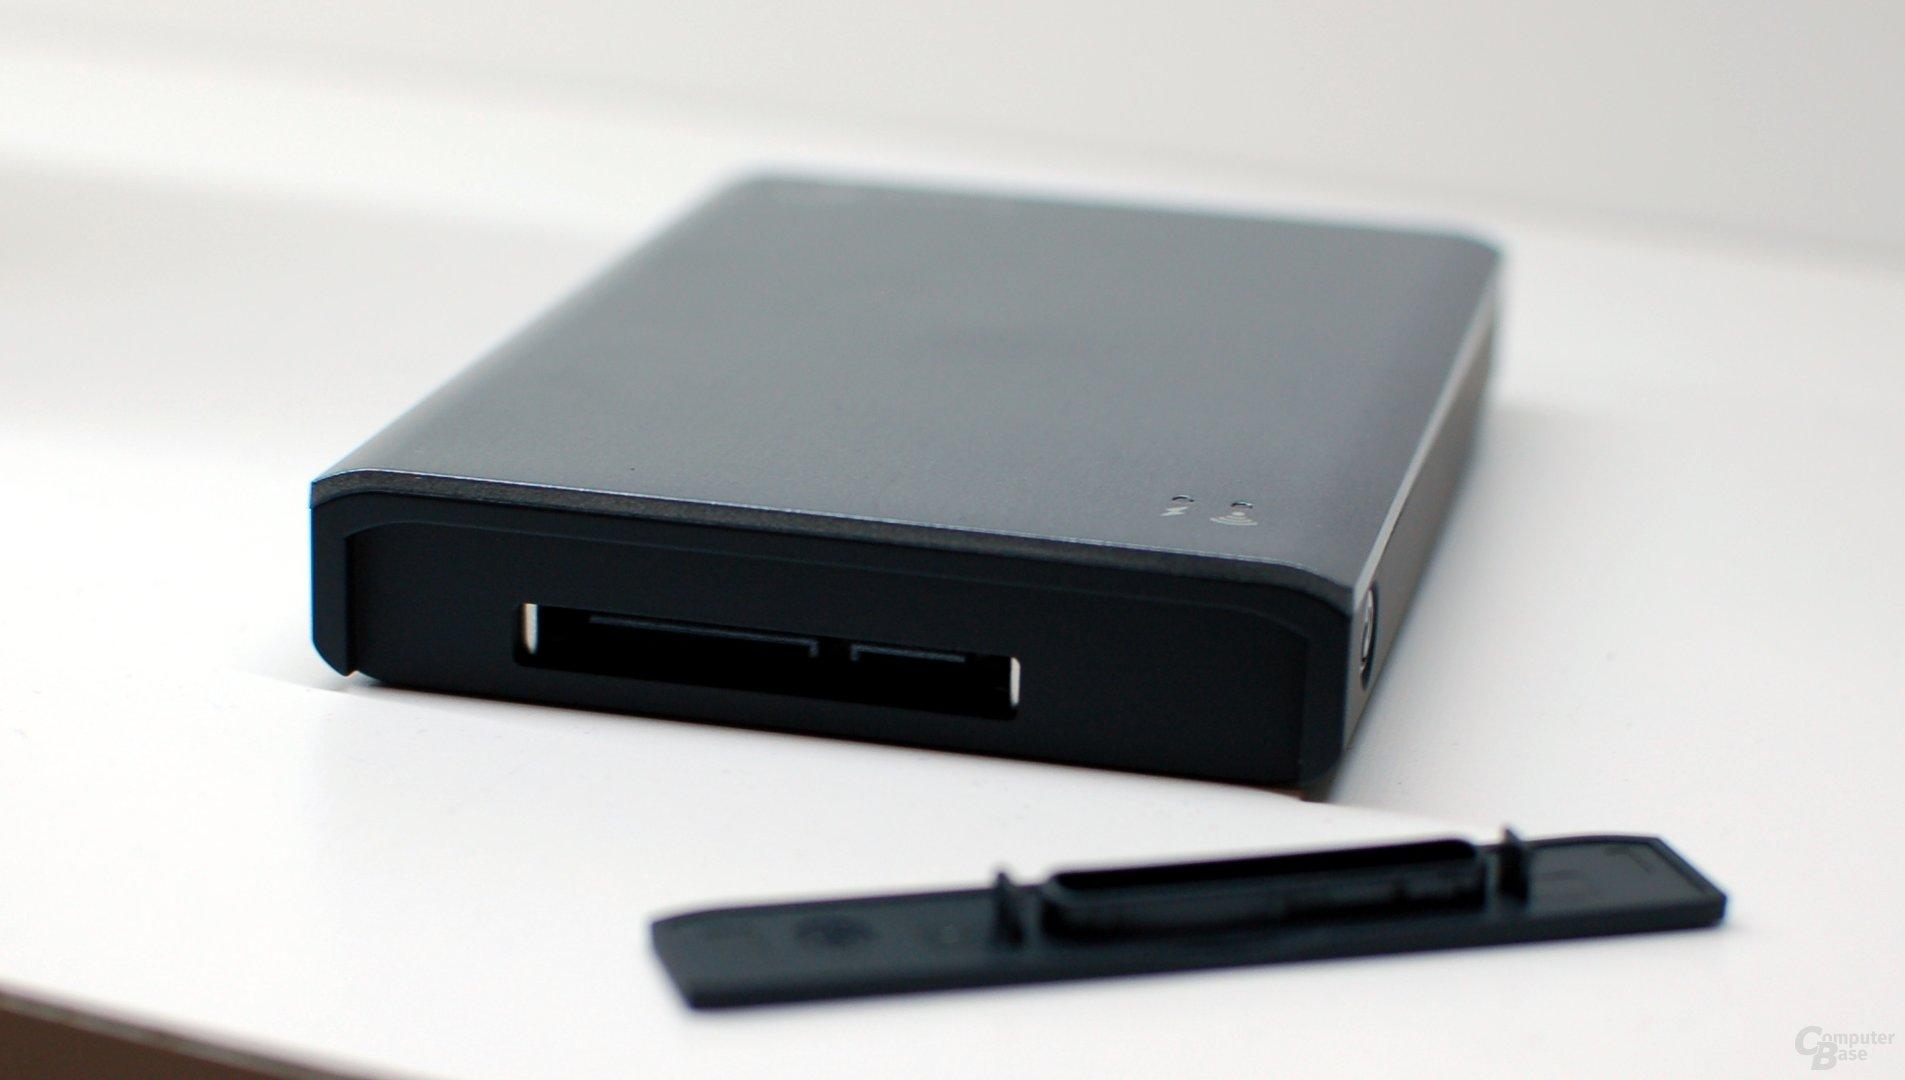 Seagate Wireless Plus4